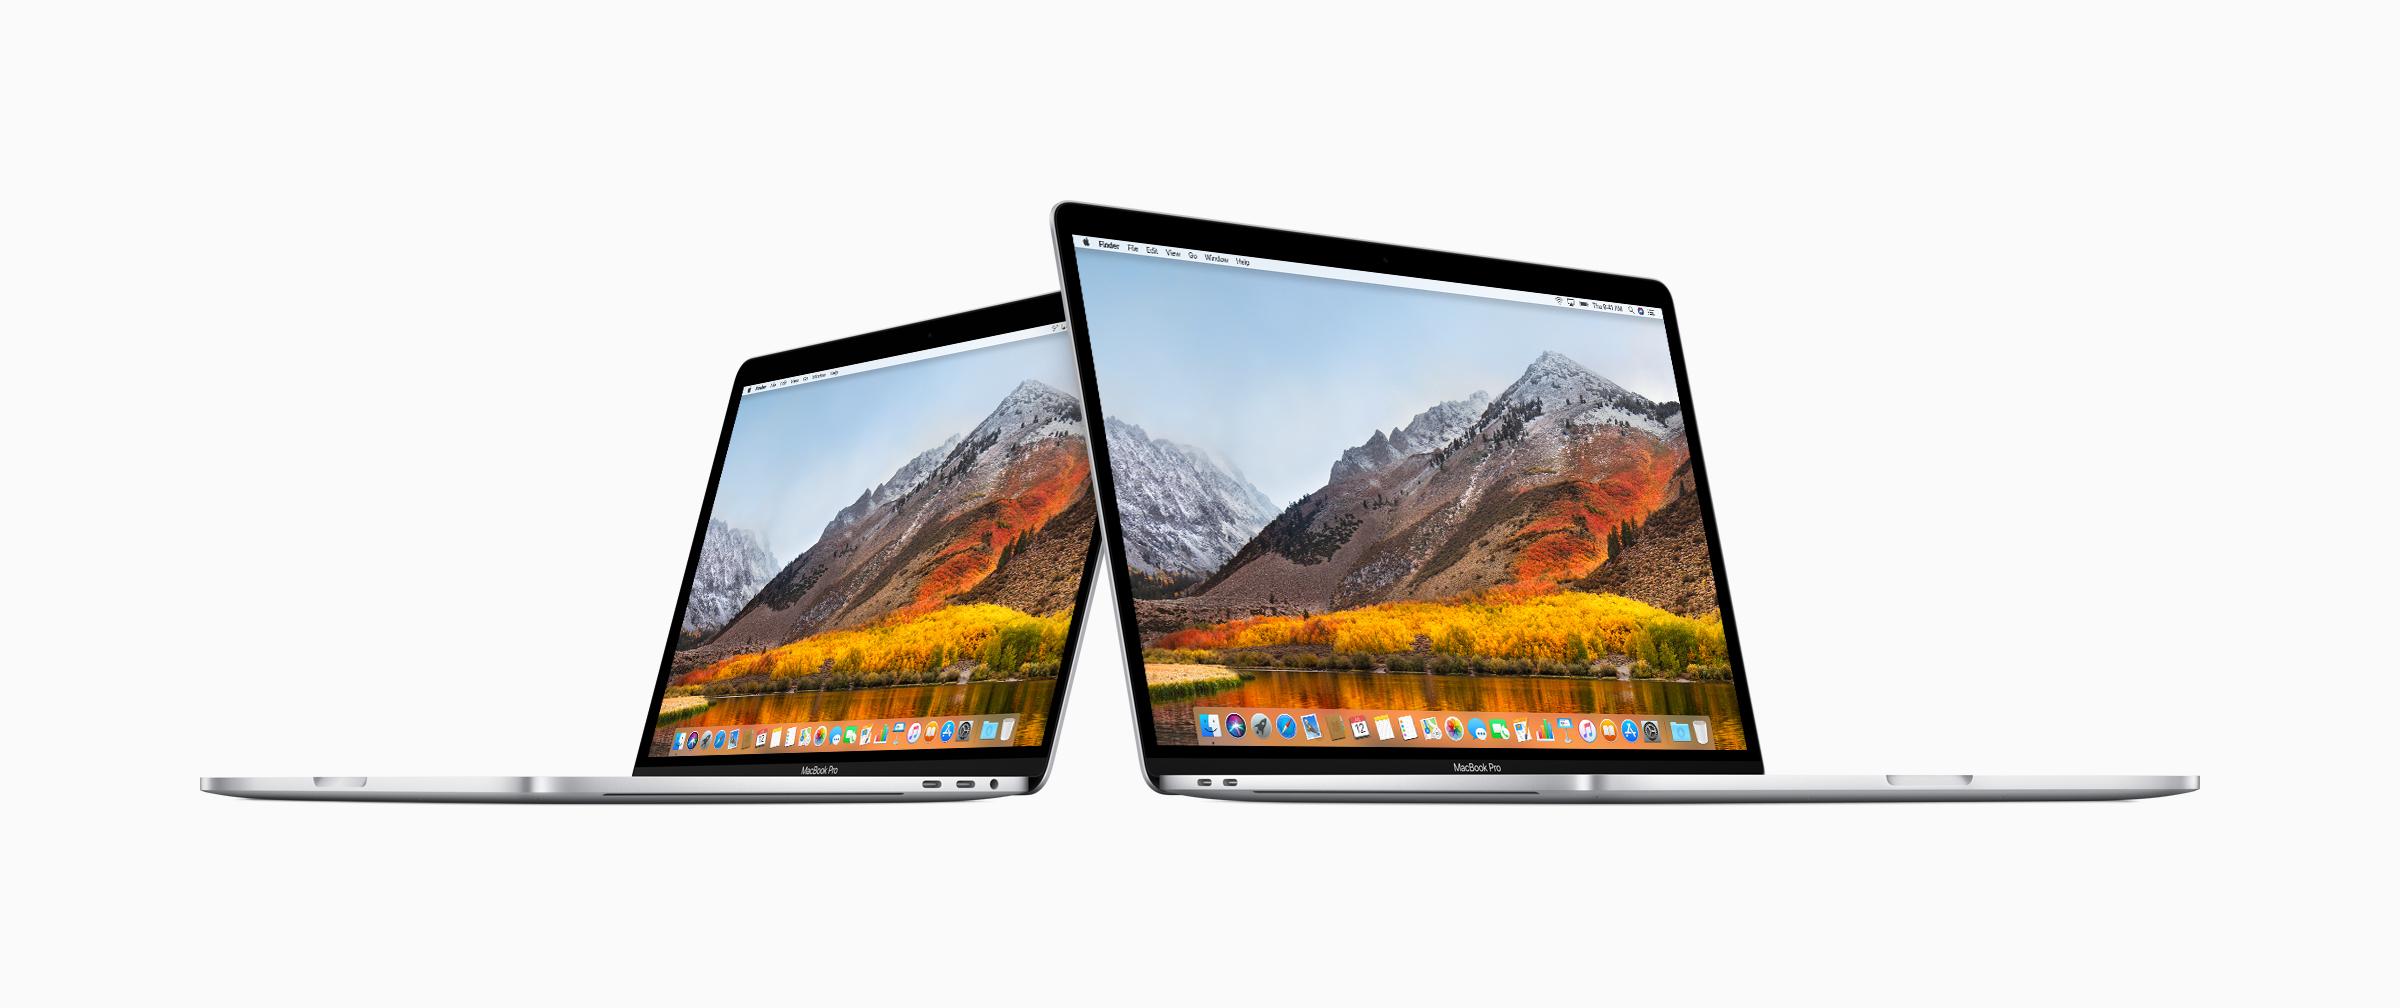 1531402877 Apple MacBook Pro update 13in 15in 07122018